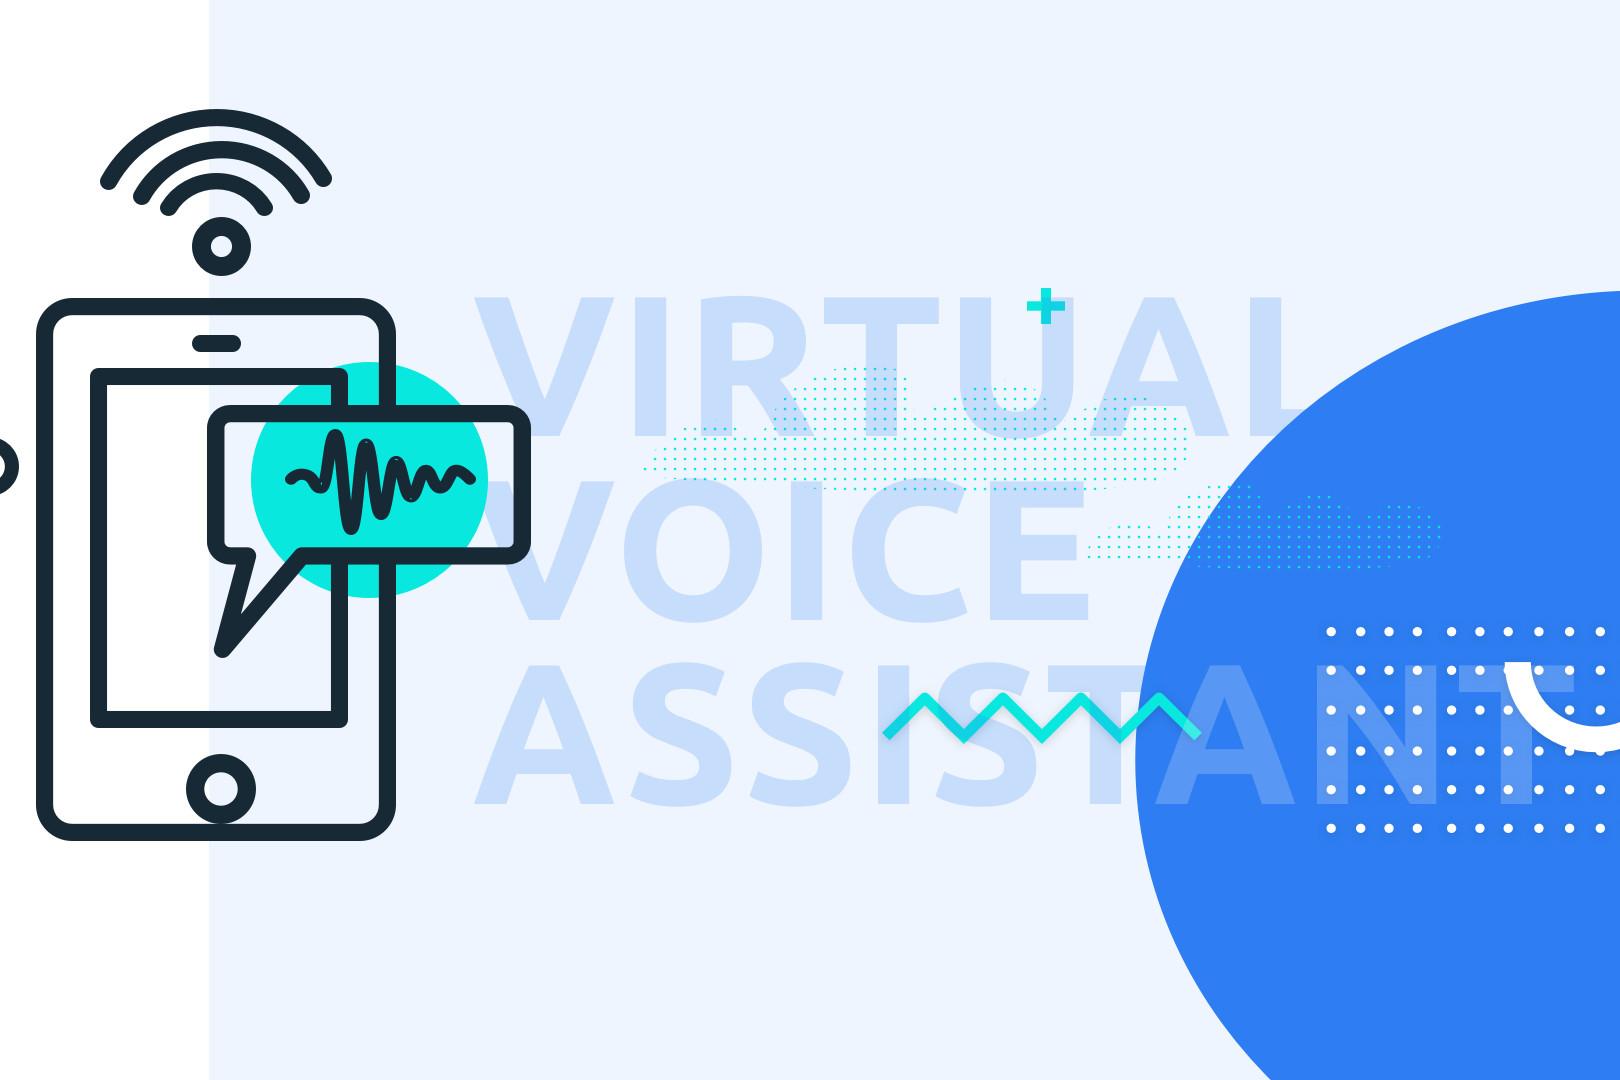 Software Design - virtual voice assistant